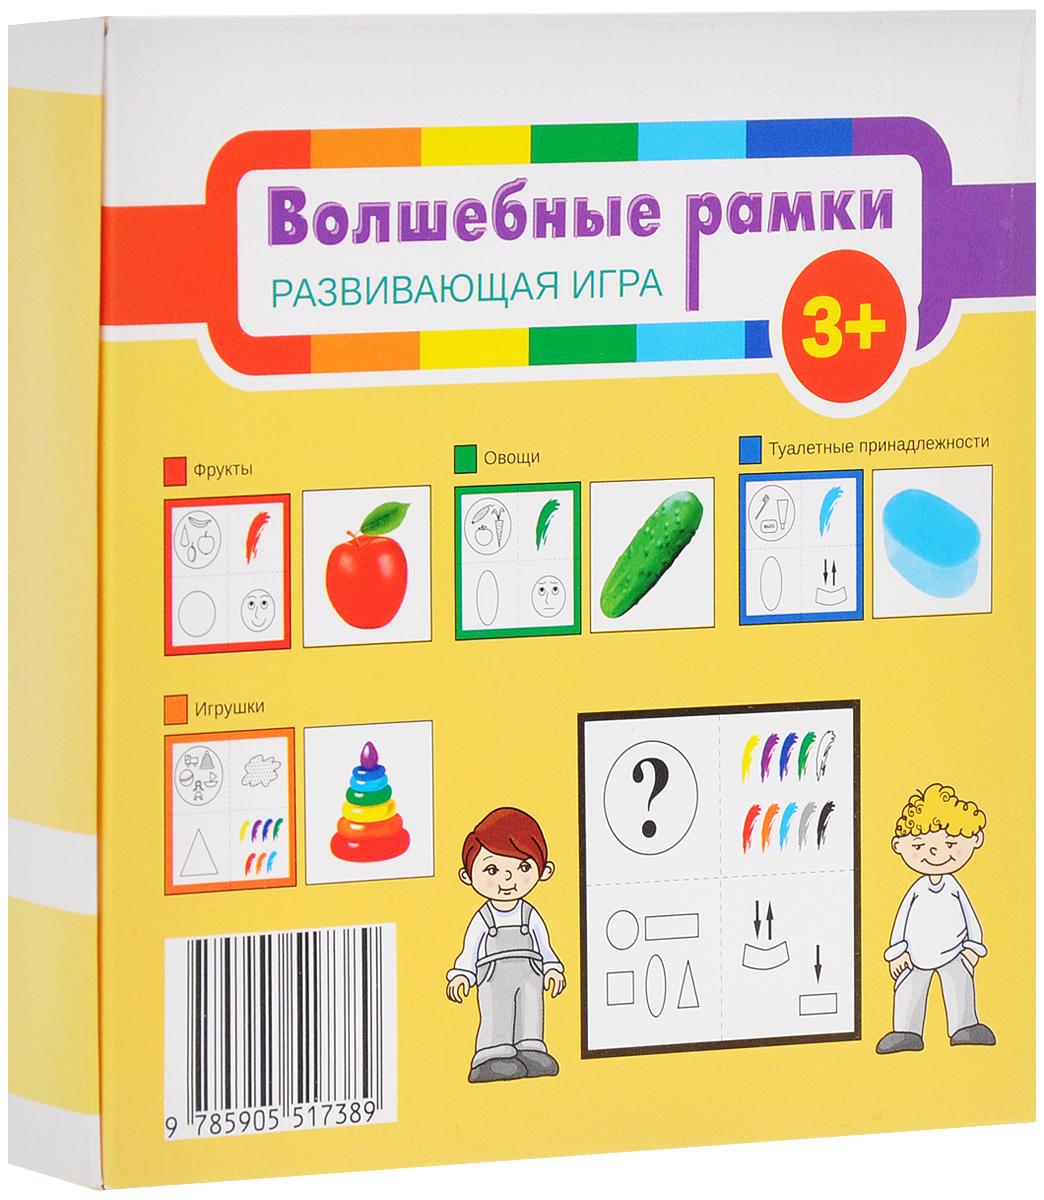 Купить Волшебные рамки. Развивающая игра для детей от 3-х лет